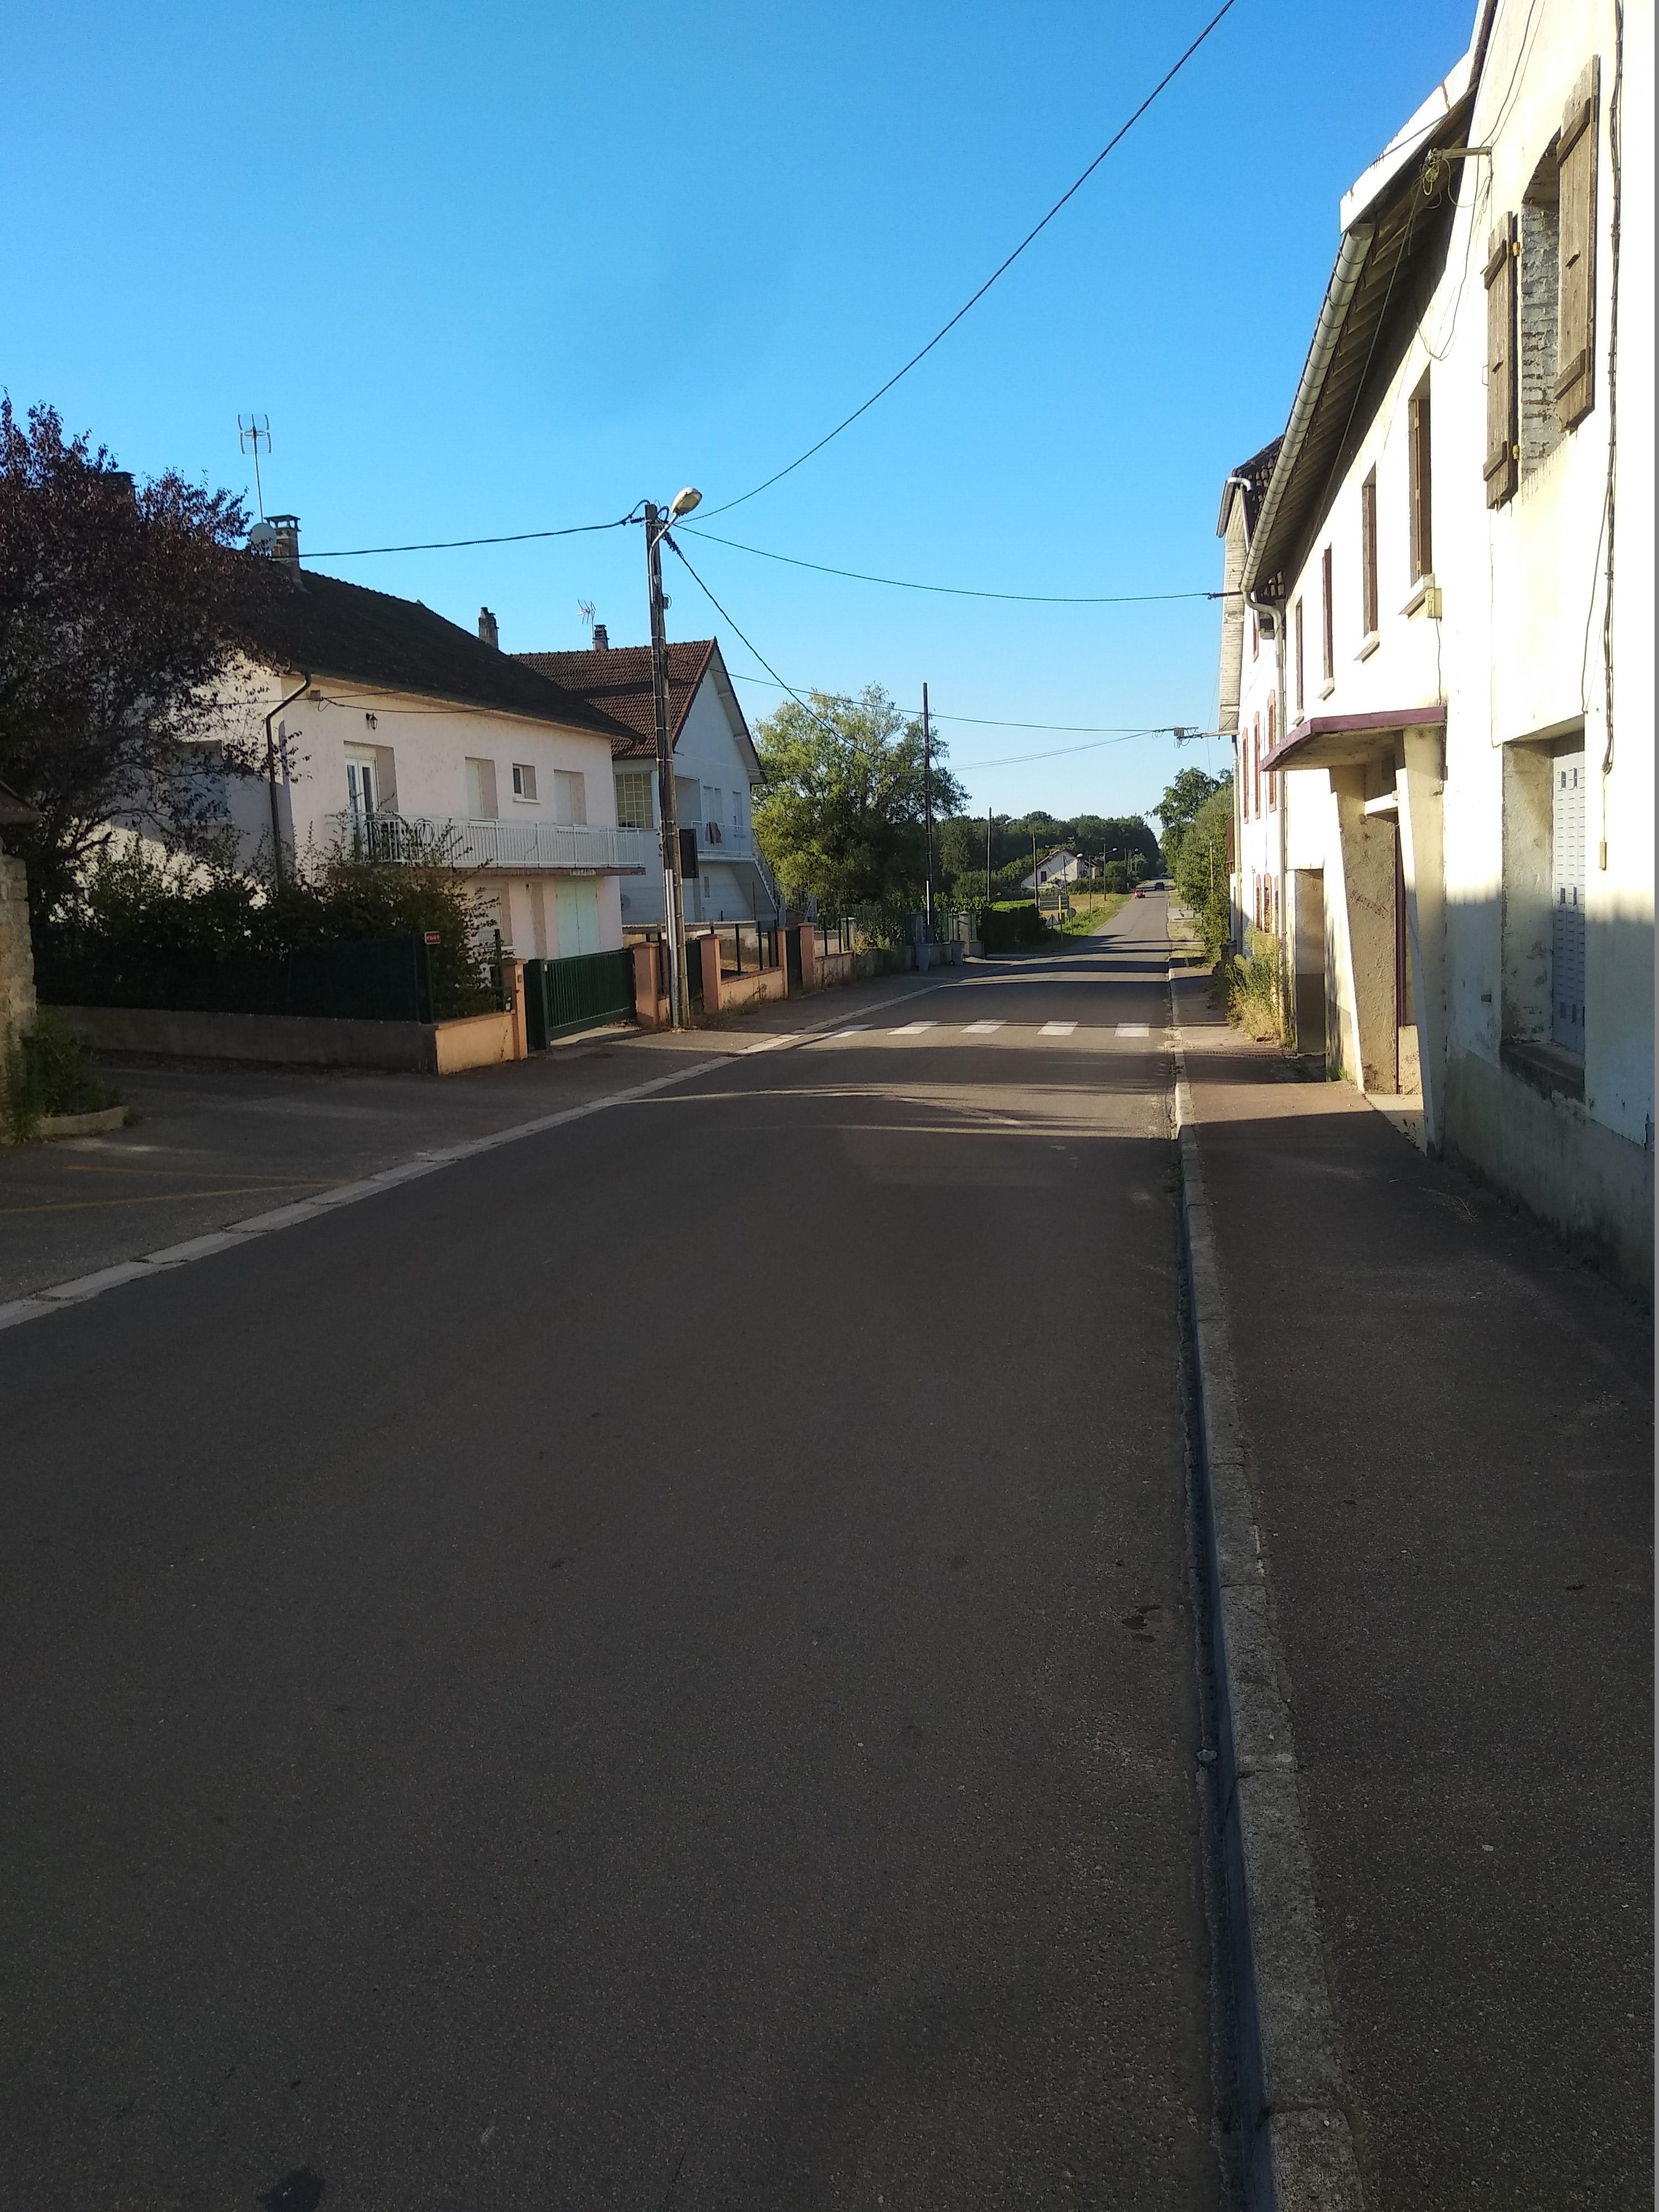 La vitesse sur l'axe Chaumergy- >Bletterans.